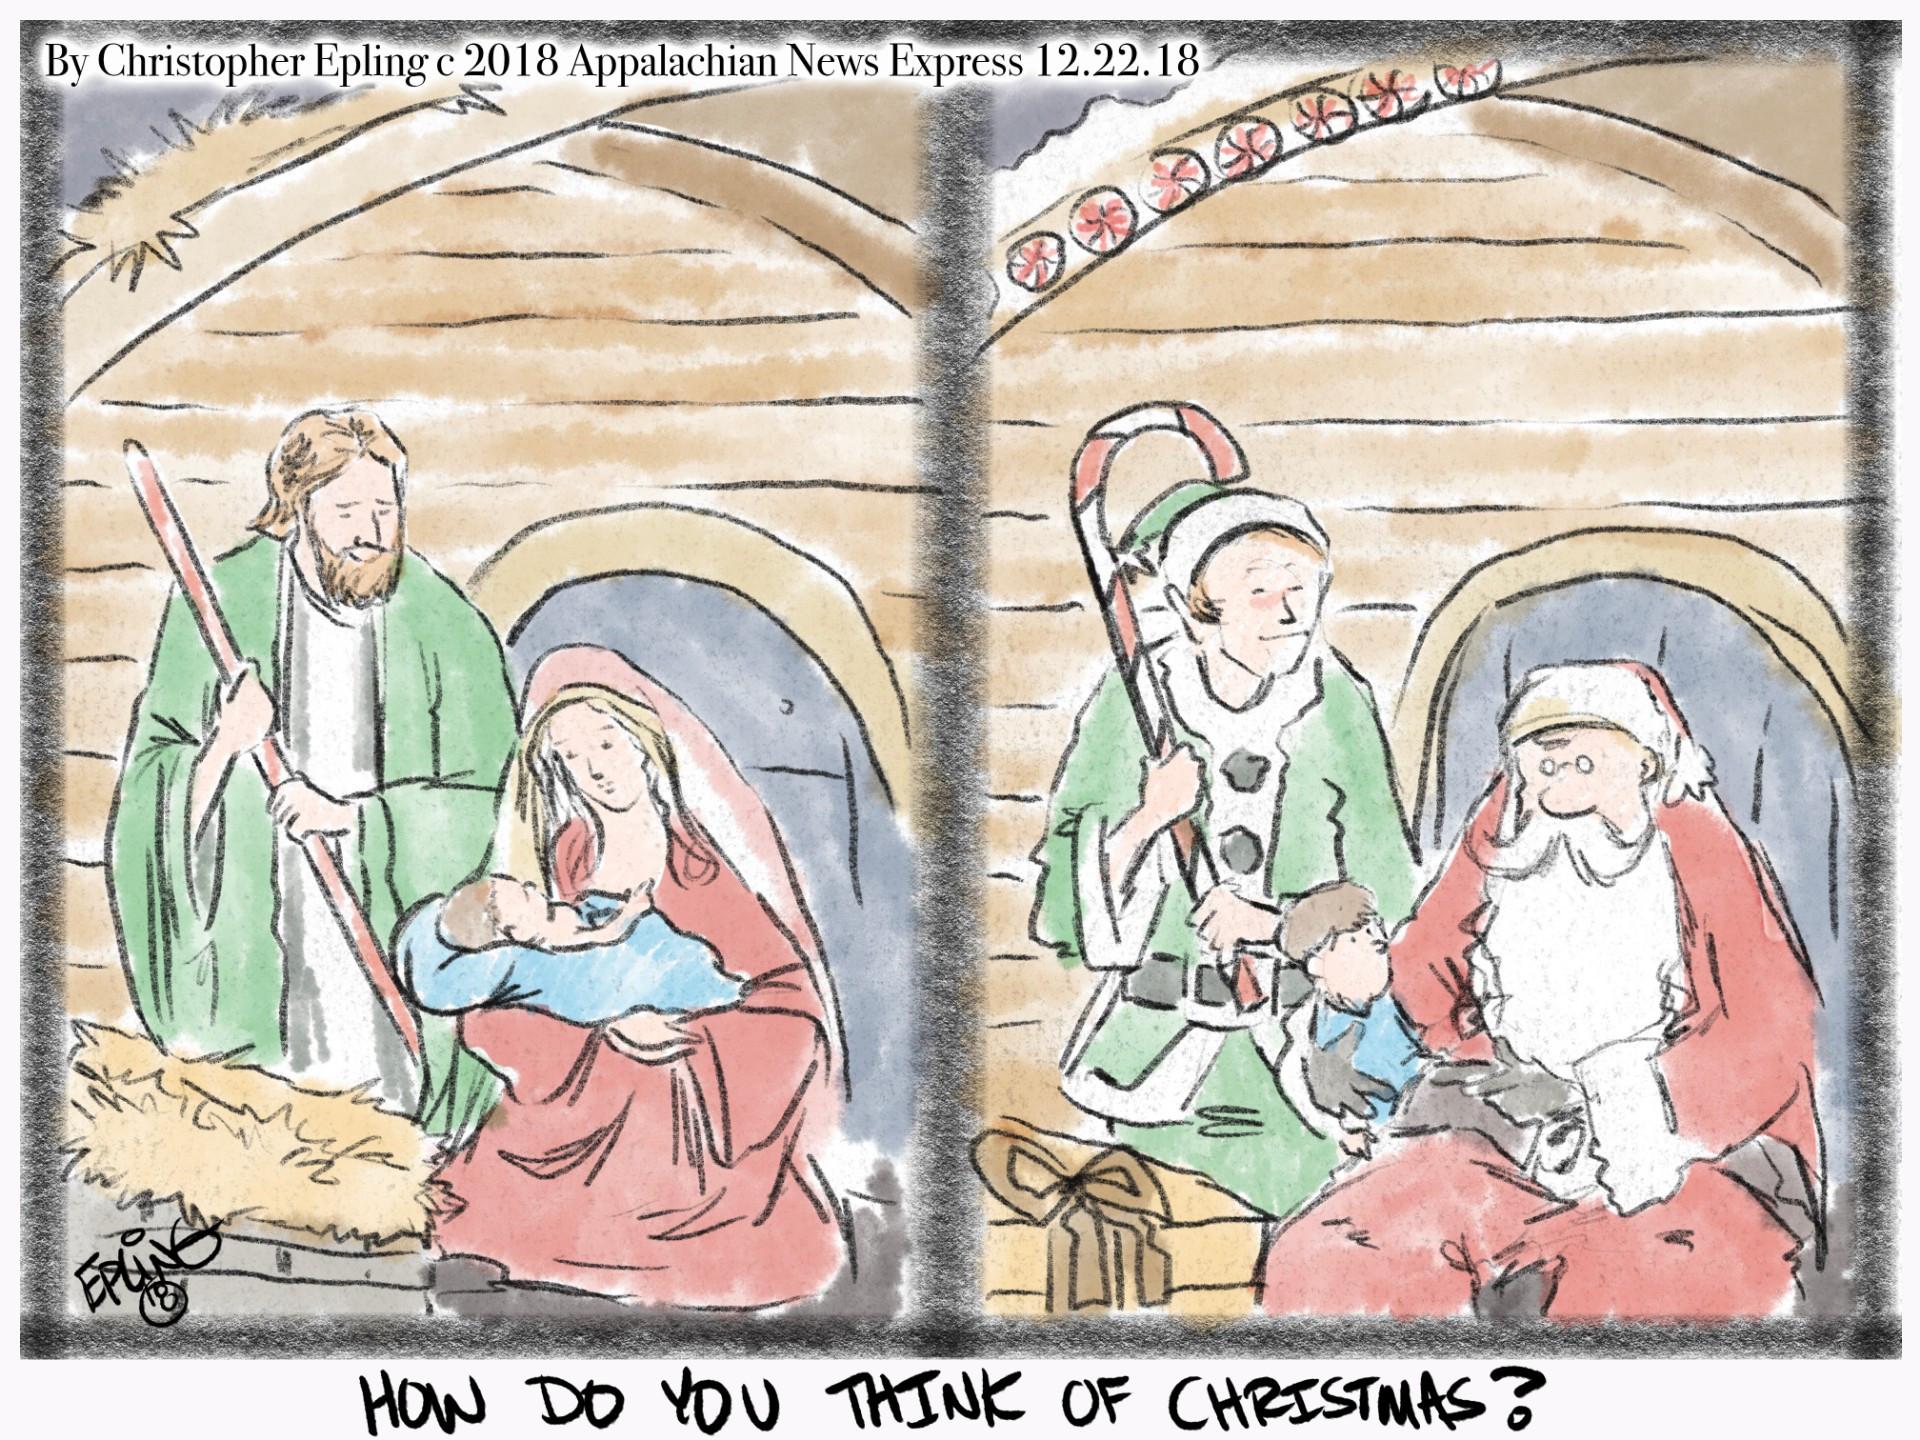 epling ANE Christmas 12.22.18